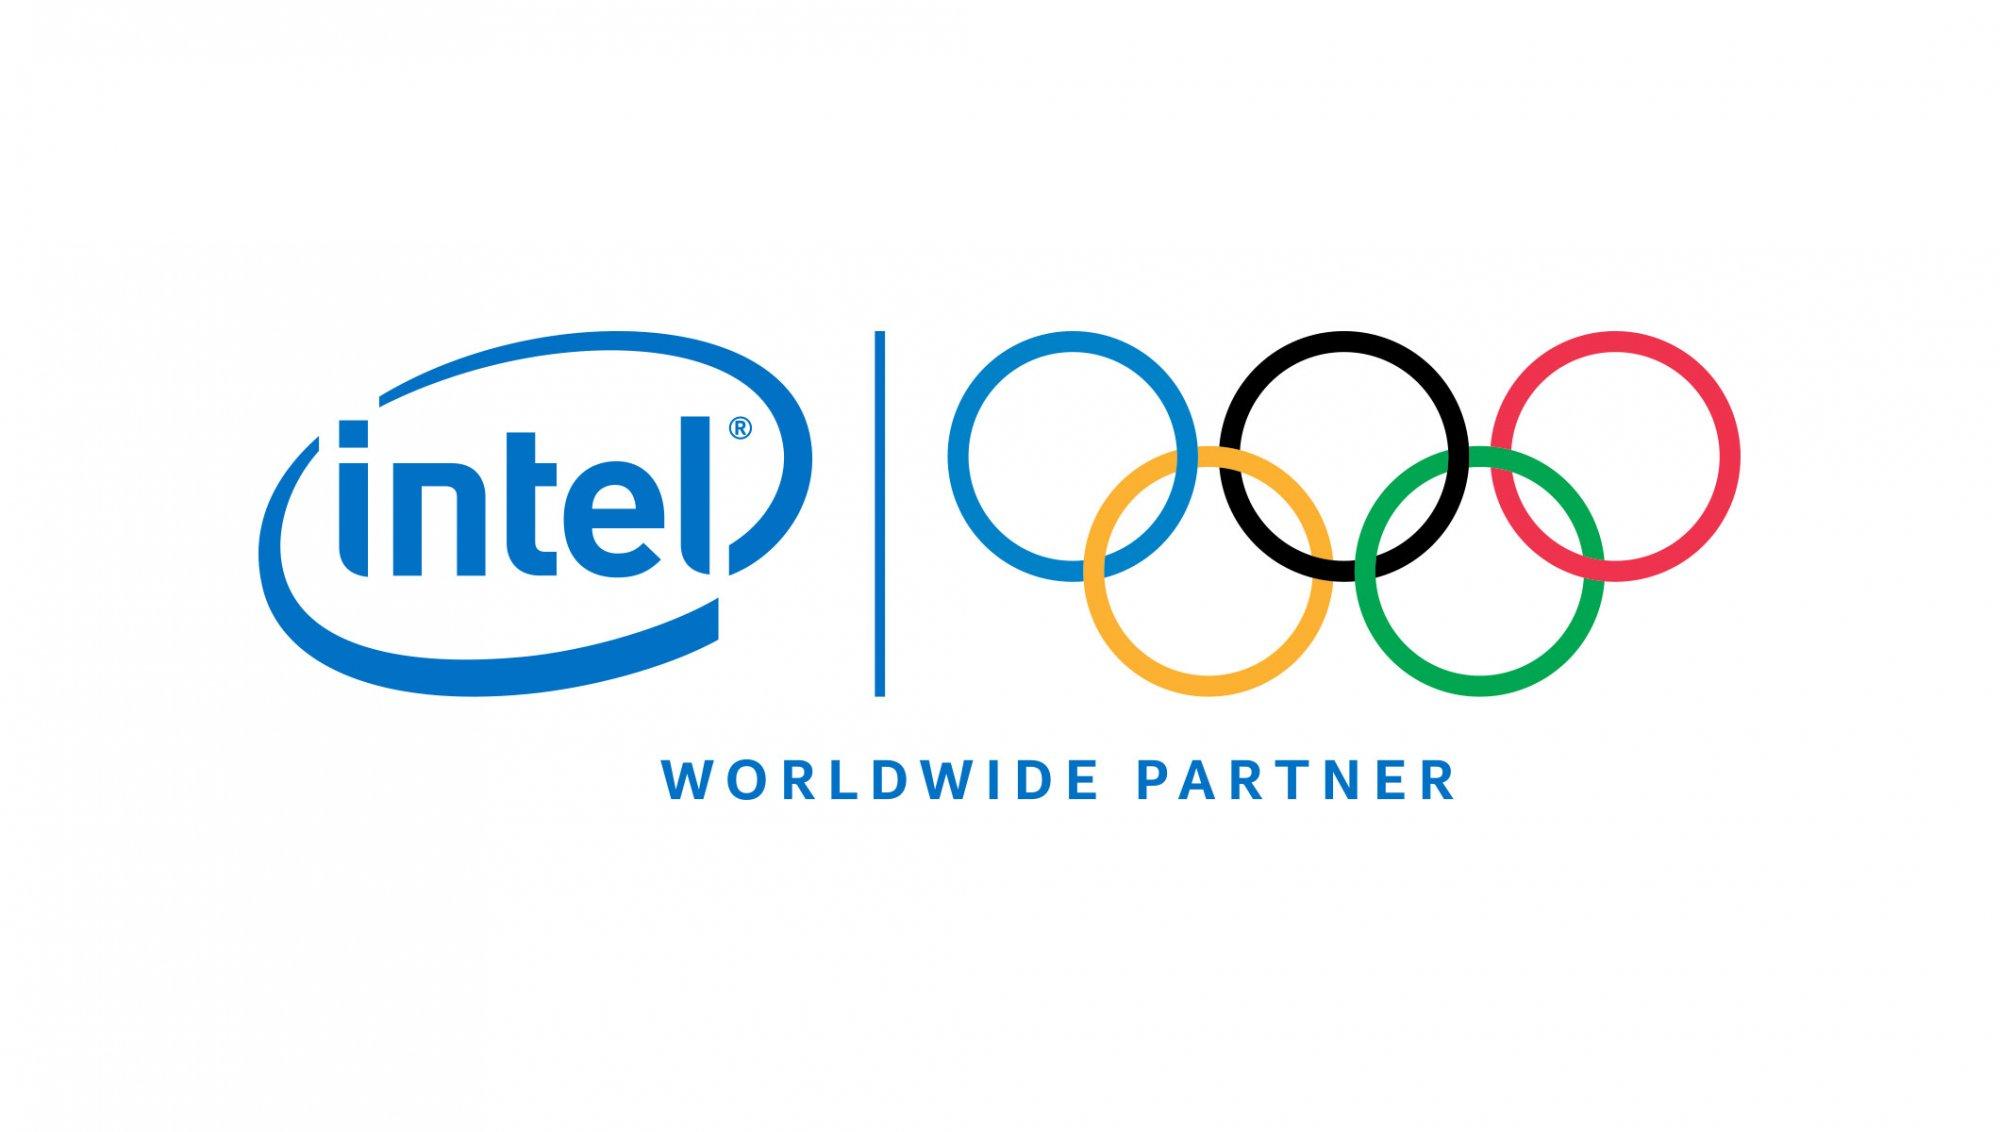 МОК и Intel подписали спонсорский контракт до 2024 года